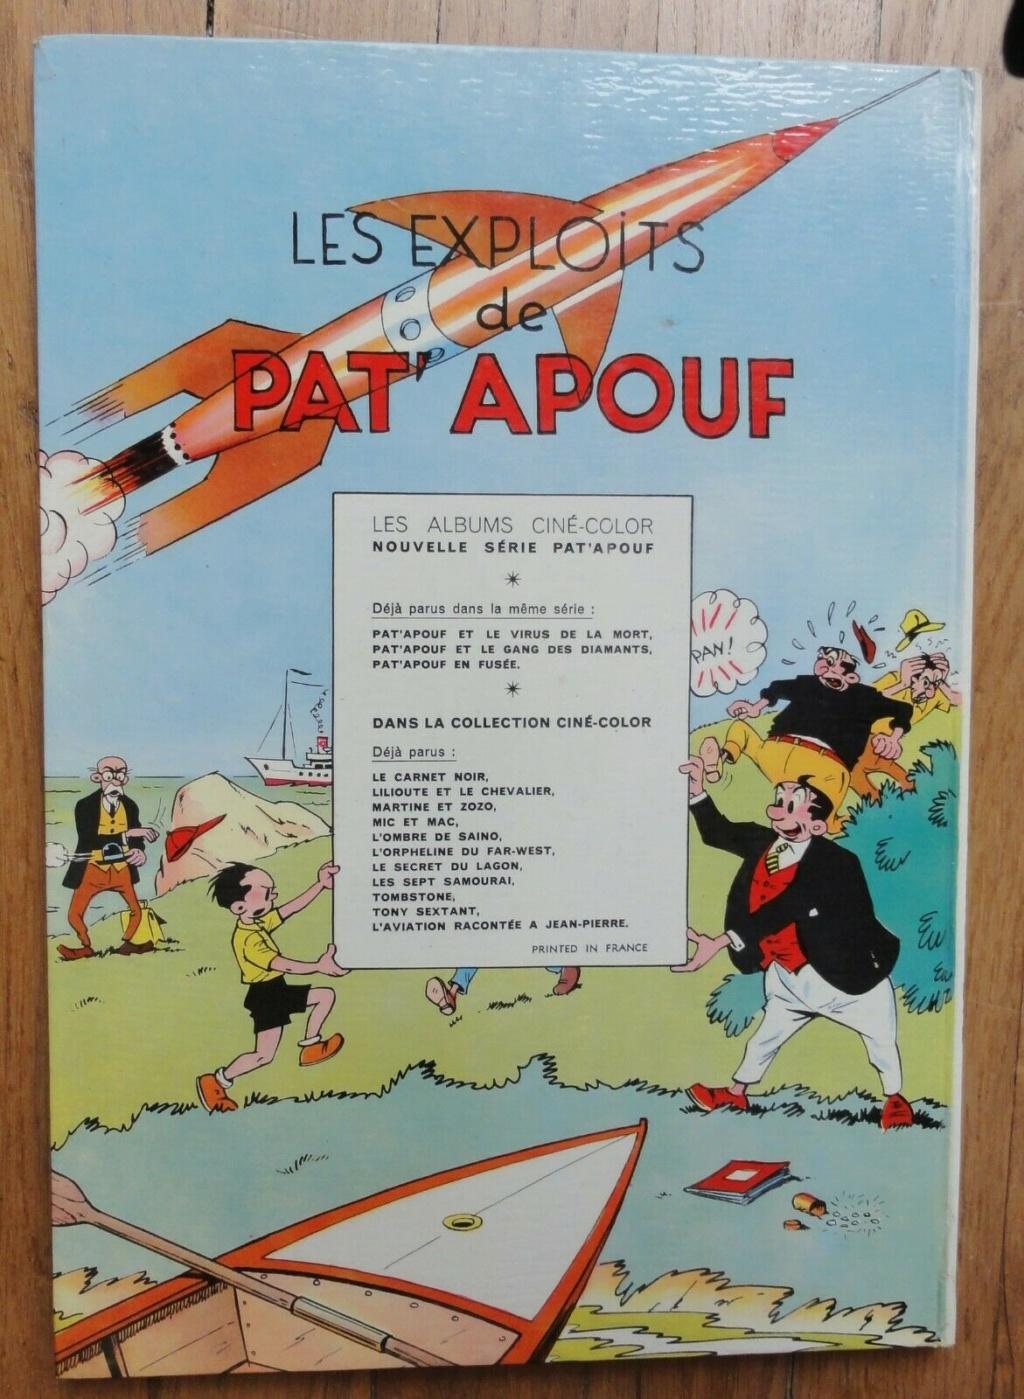 A la découverte de Pat Apouf - Page 35 S-l16165